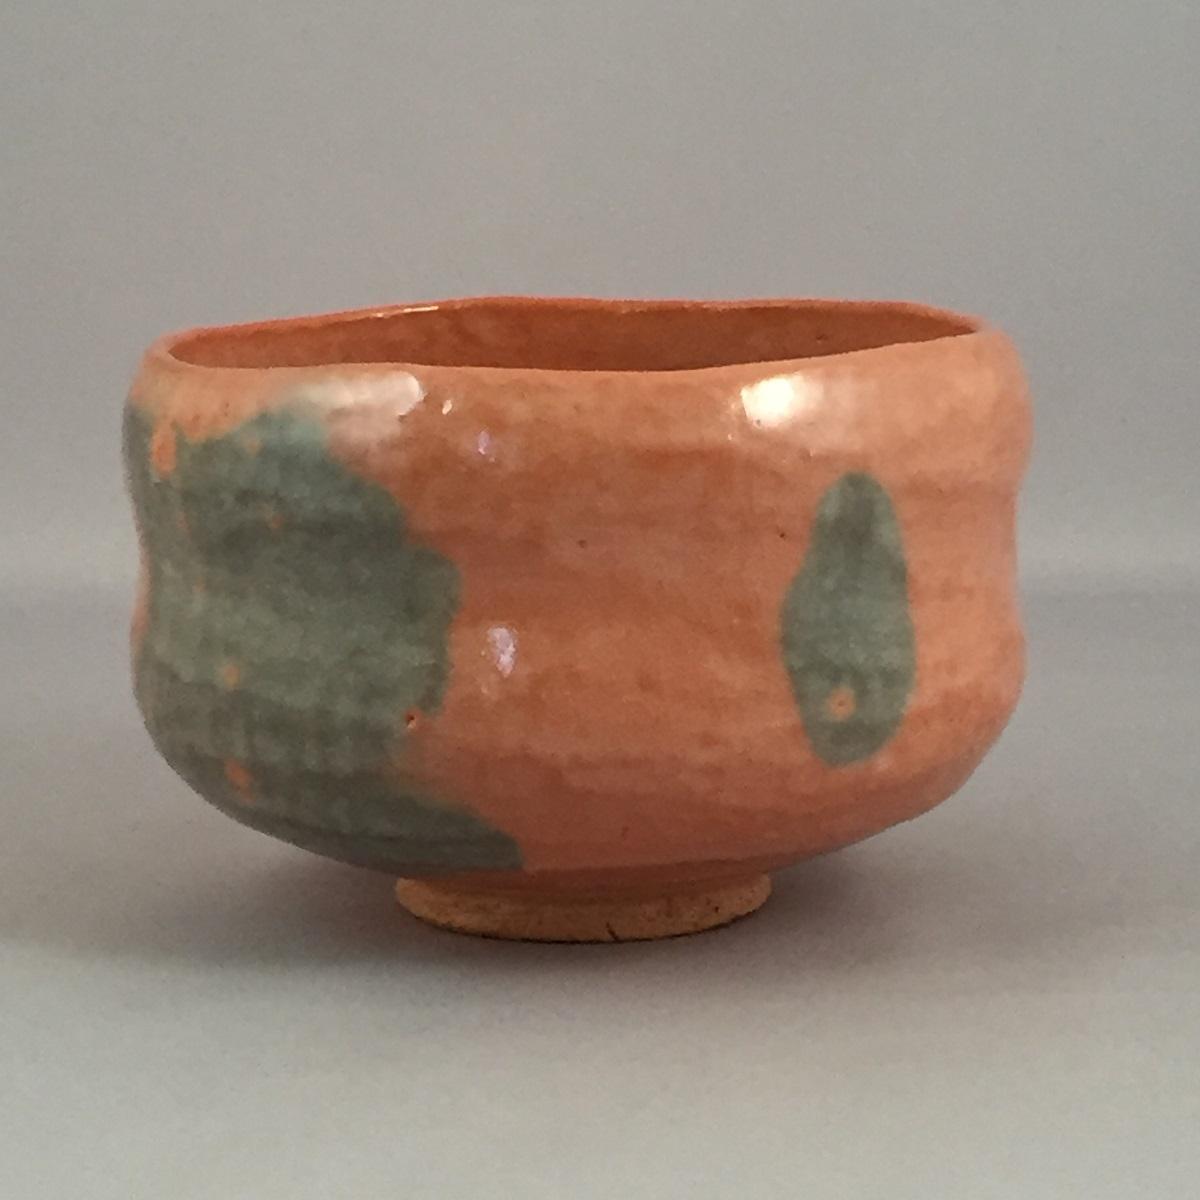 【共箱】三代 佐々木昭楽作 銘「鳳林」 のんこう写 赤楽茶碗 茶道具